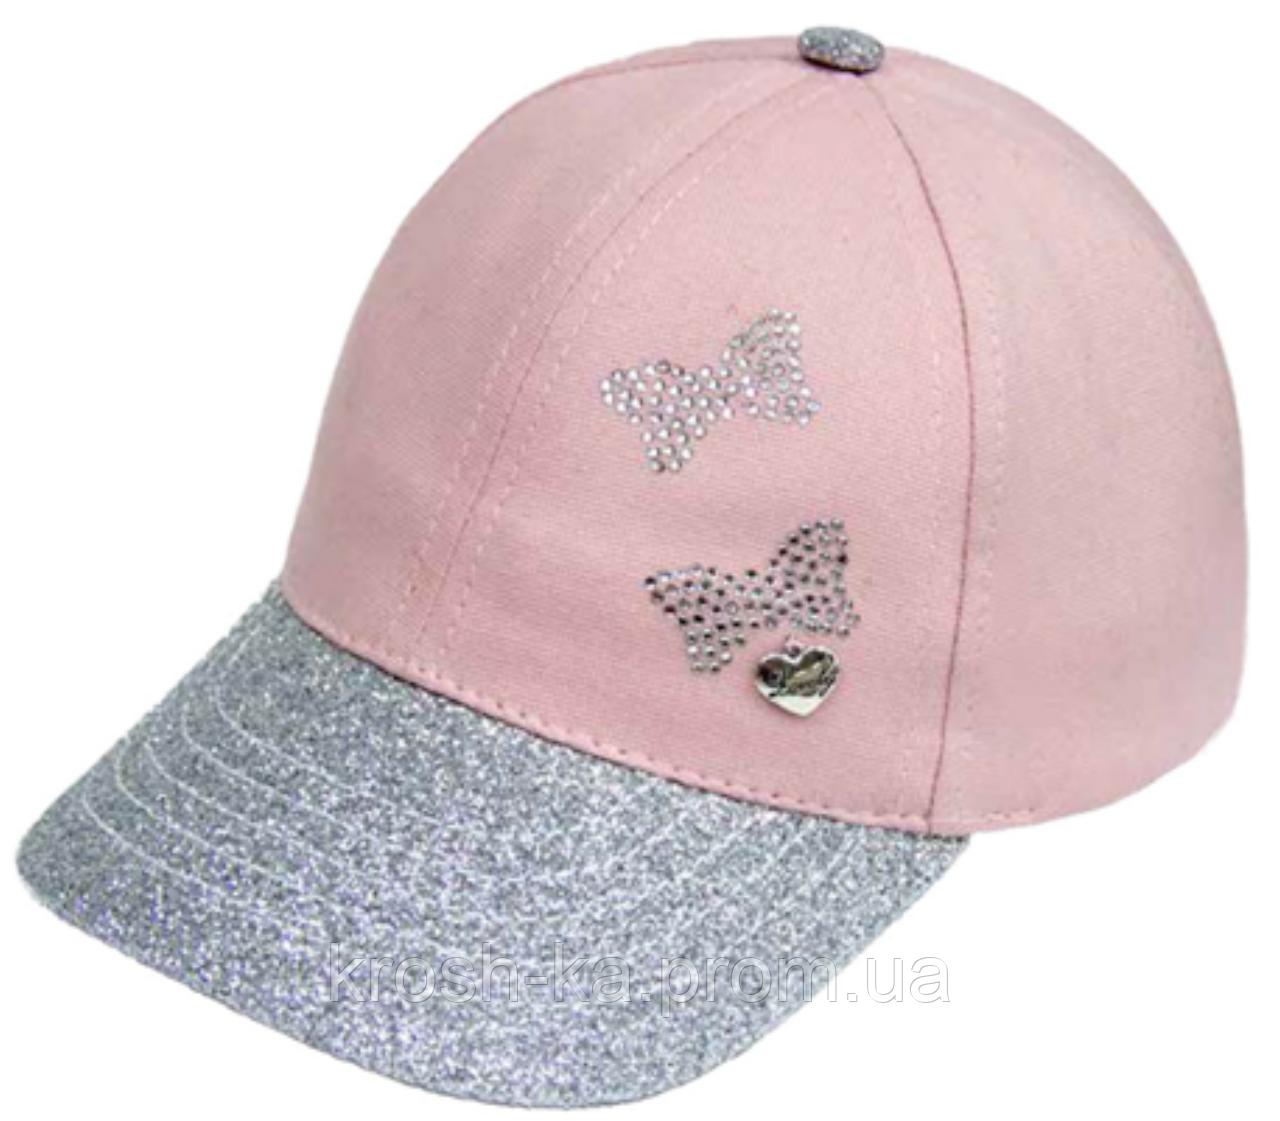 Кепка для девочки Бабочка серебро опыление (46-50)р D.Star Украина 442